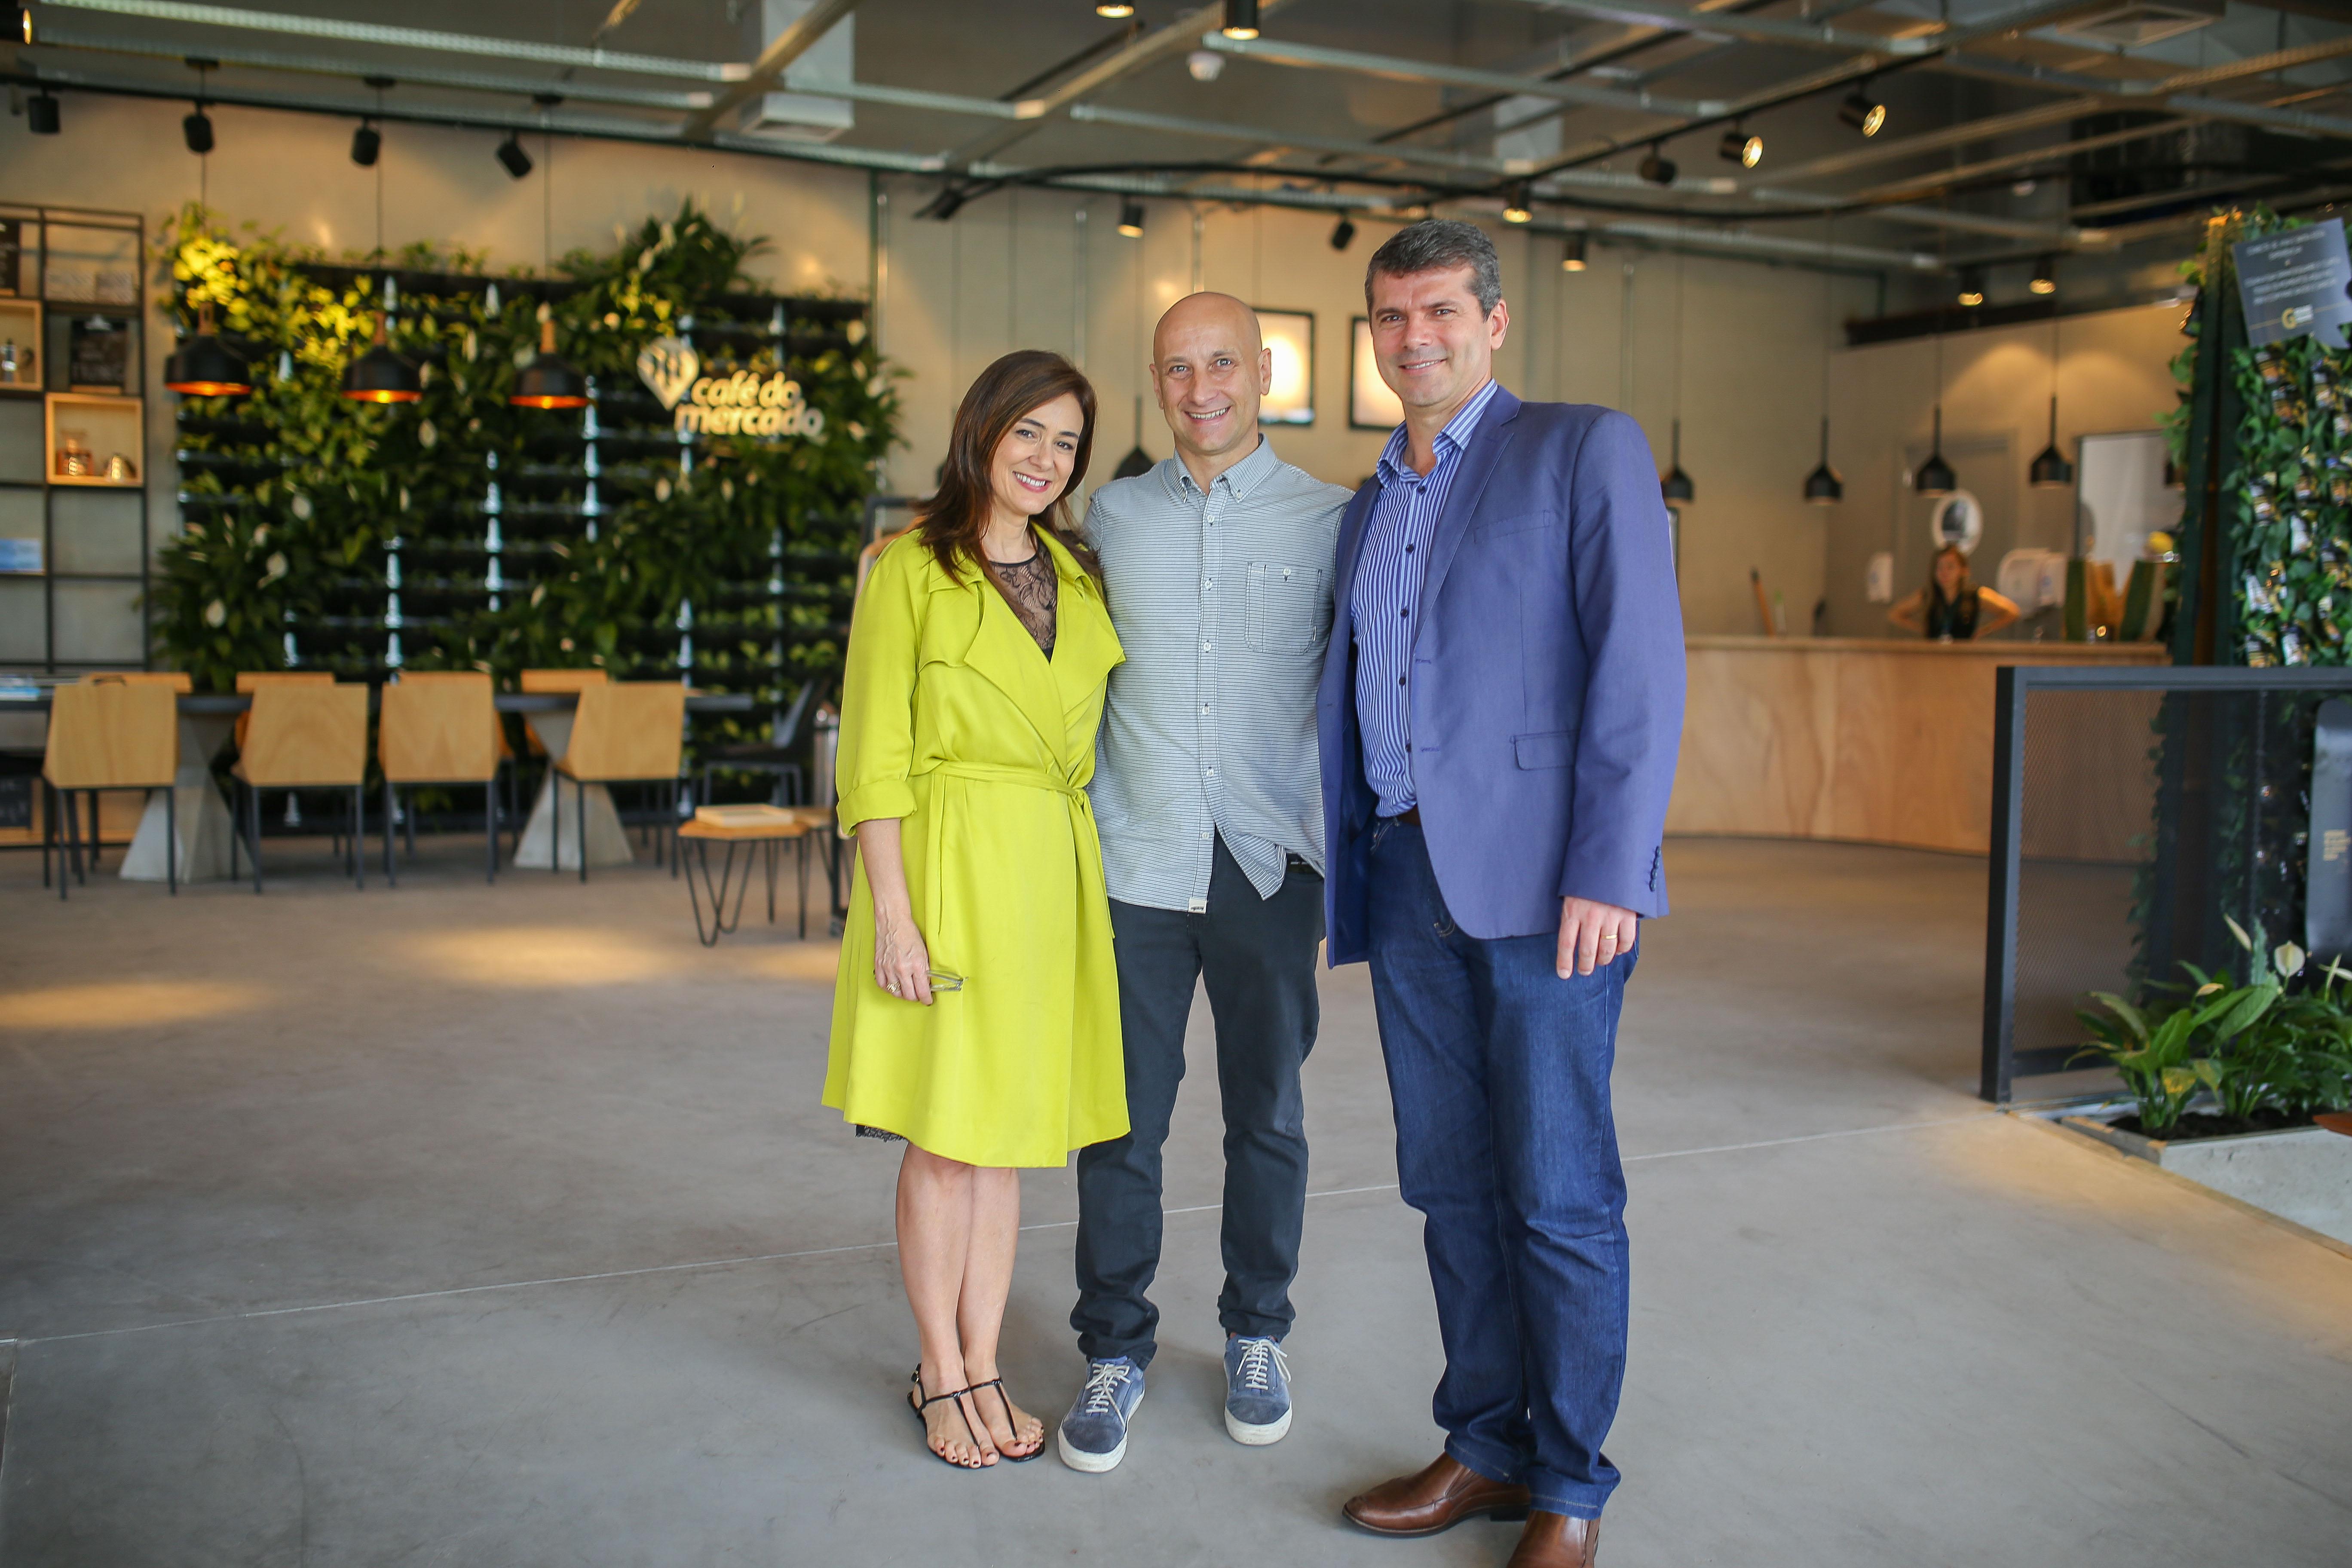 O trio, a partir da esquerda: Nailê Santos, gerente geral do Iguatemi Porto Alegre; empresário Gustavo Schifino, fundador do Pier X e da Trópico; José Renato Hopf, CEO da 4all